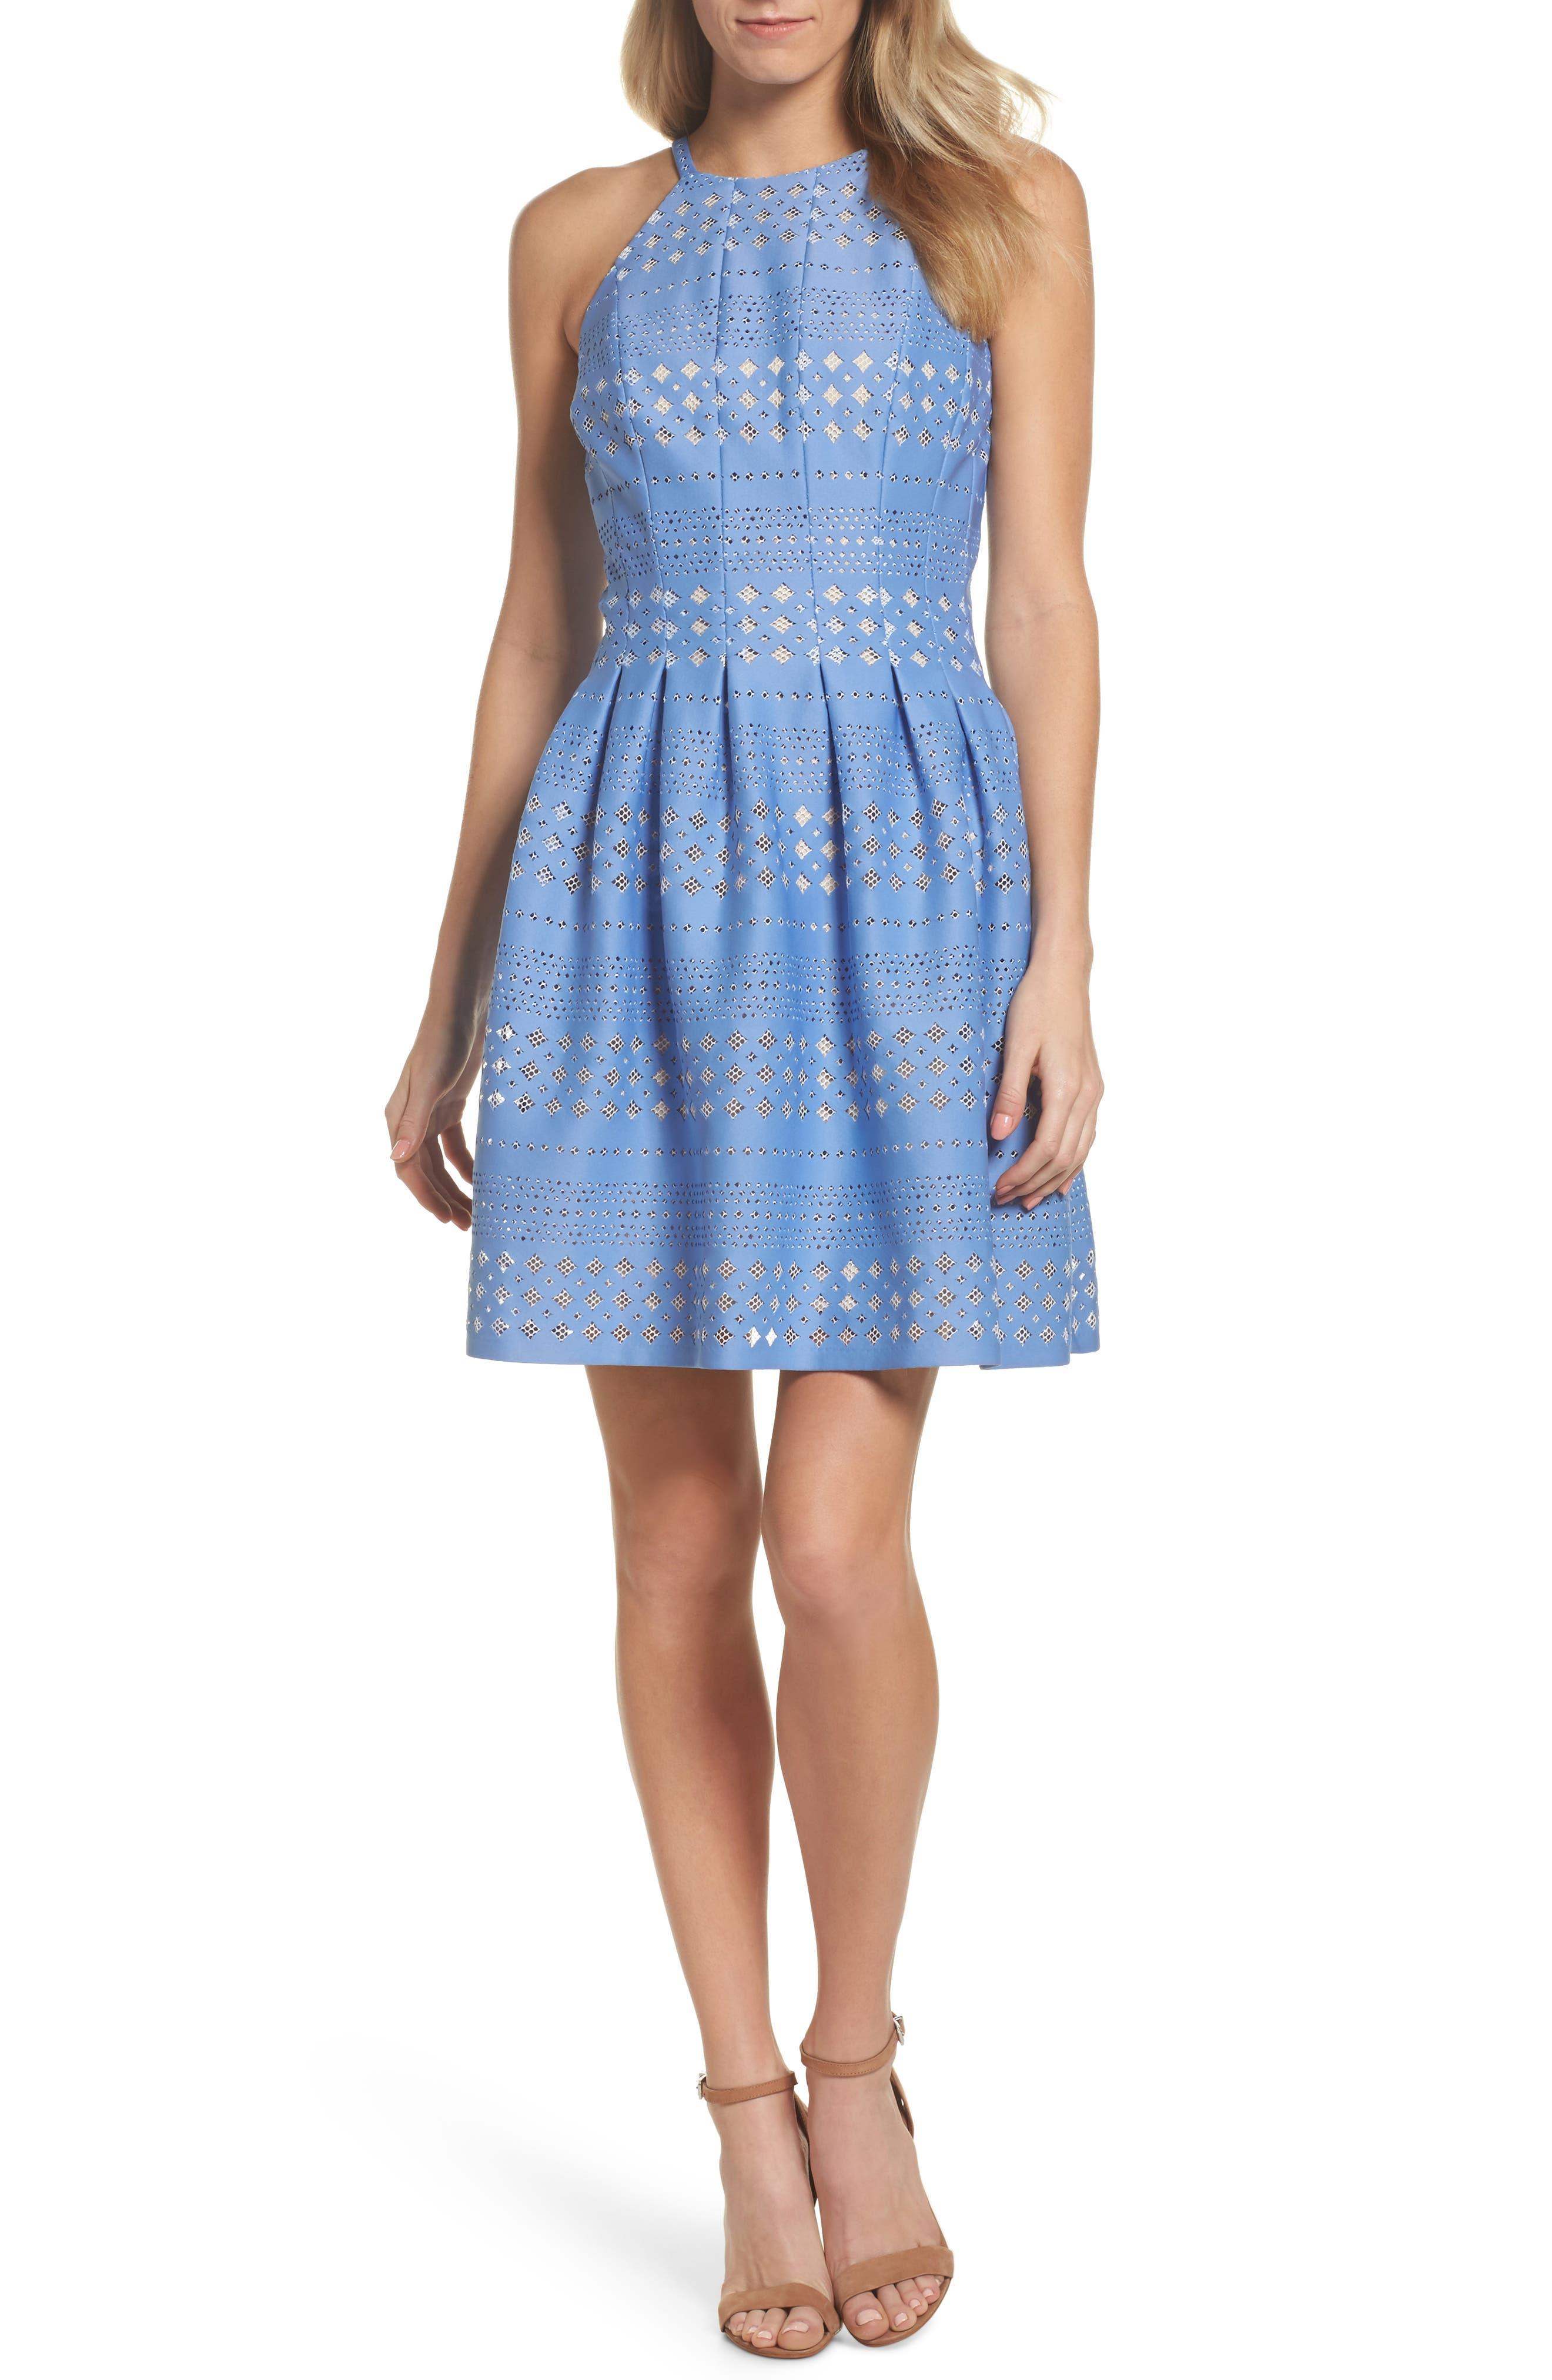 Alternate Image 1 Selected - Eliza J Laser Cut Fit & Flare Halter Dress